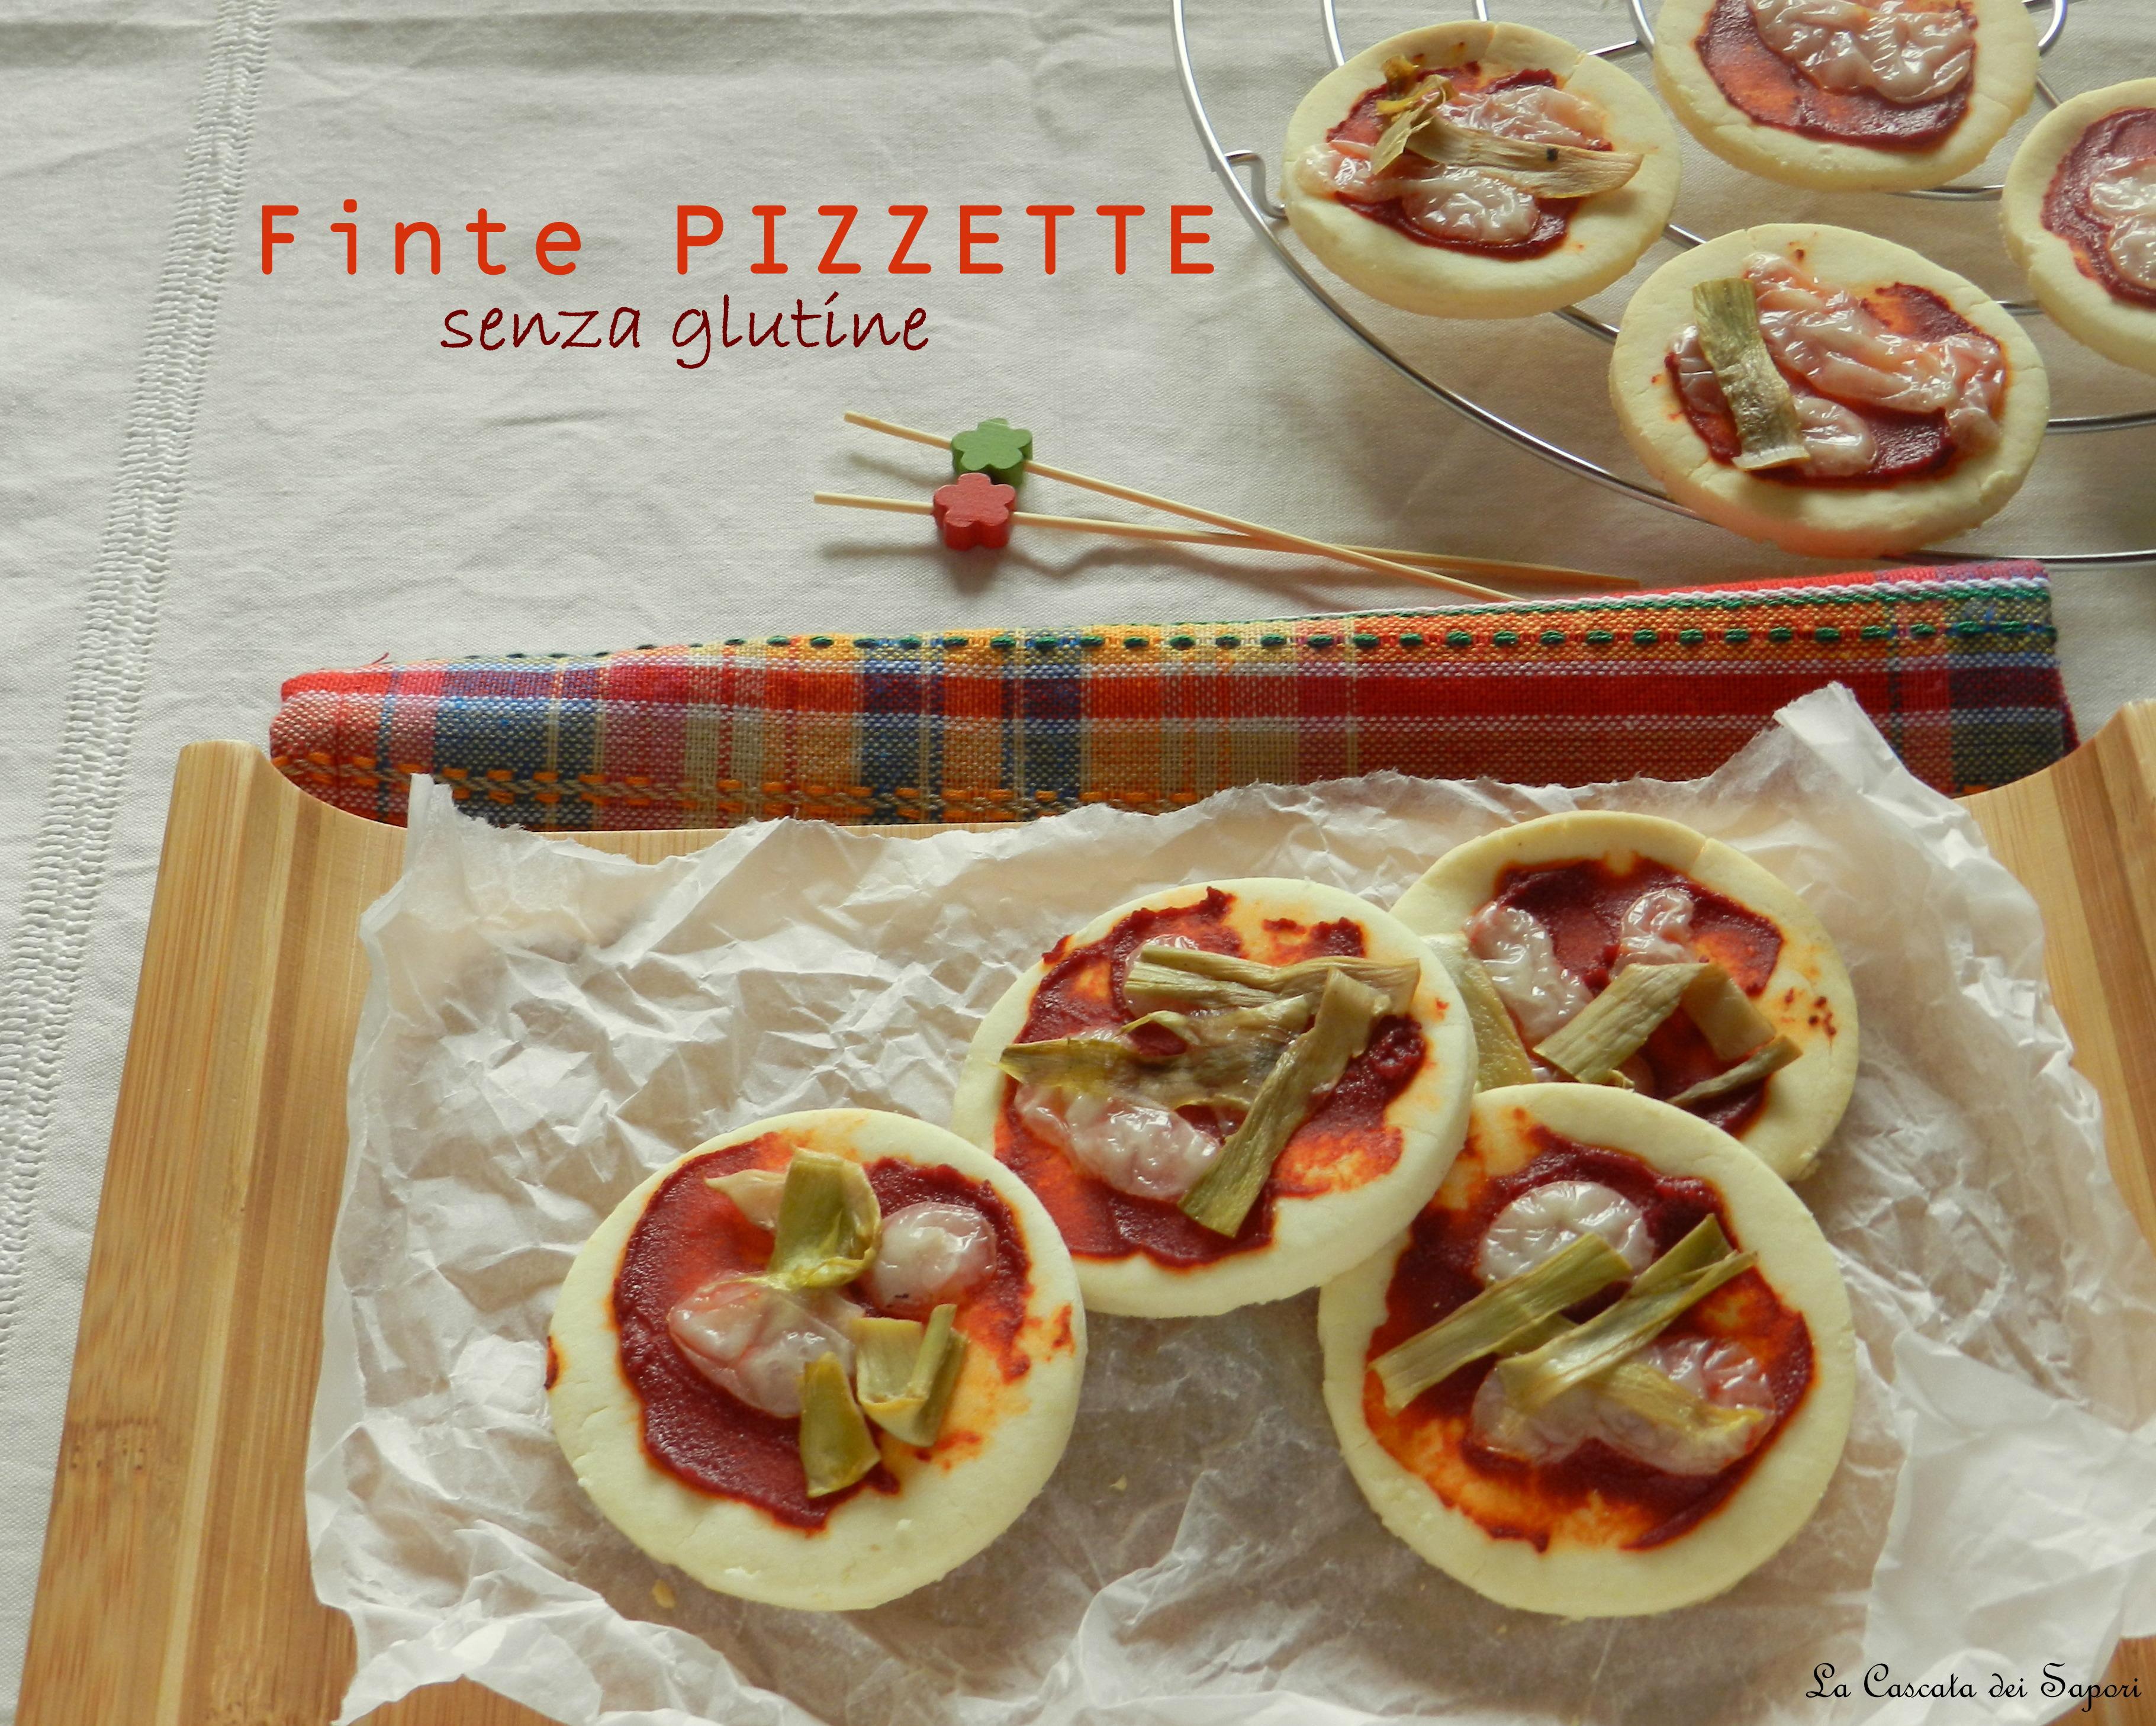 Finte-PIZZETTE-senza-glutine